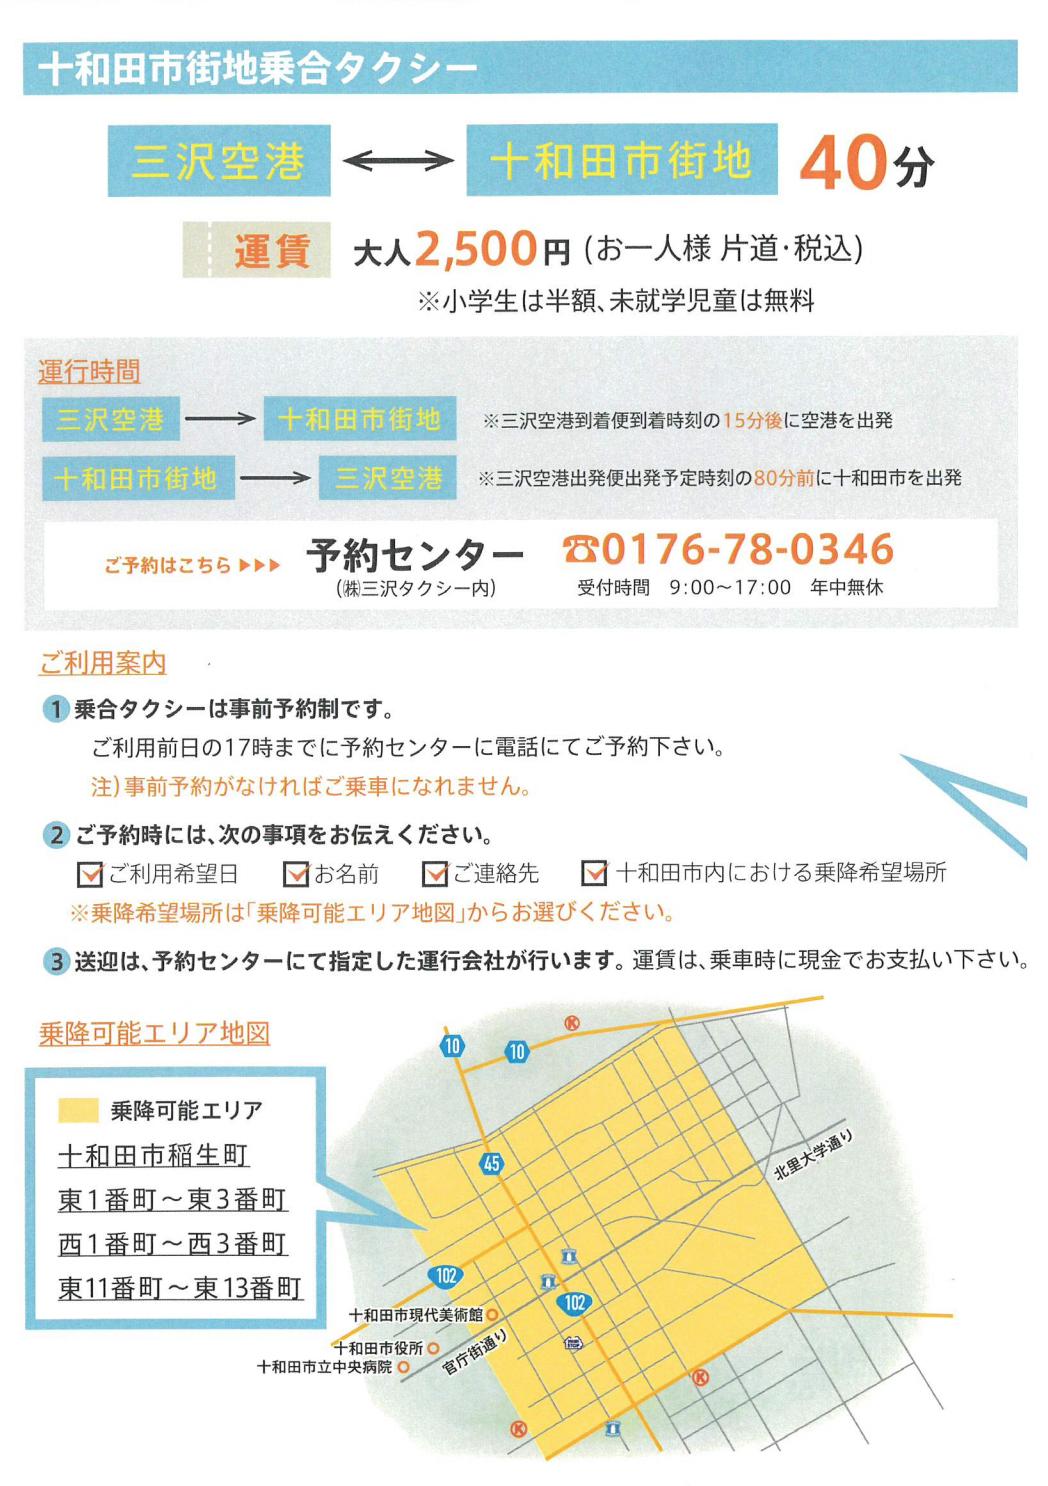 ニュース画像 1枚目:十和田市街乗合タクシー